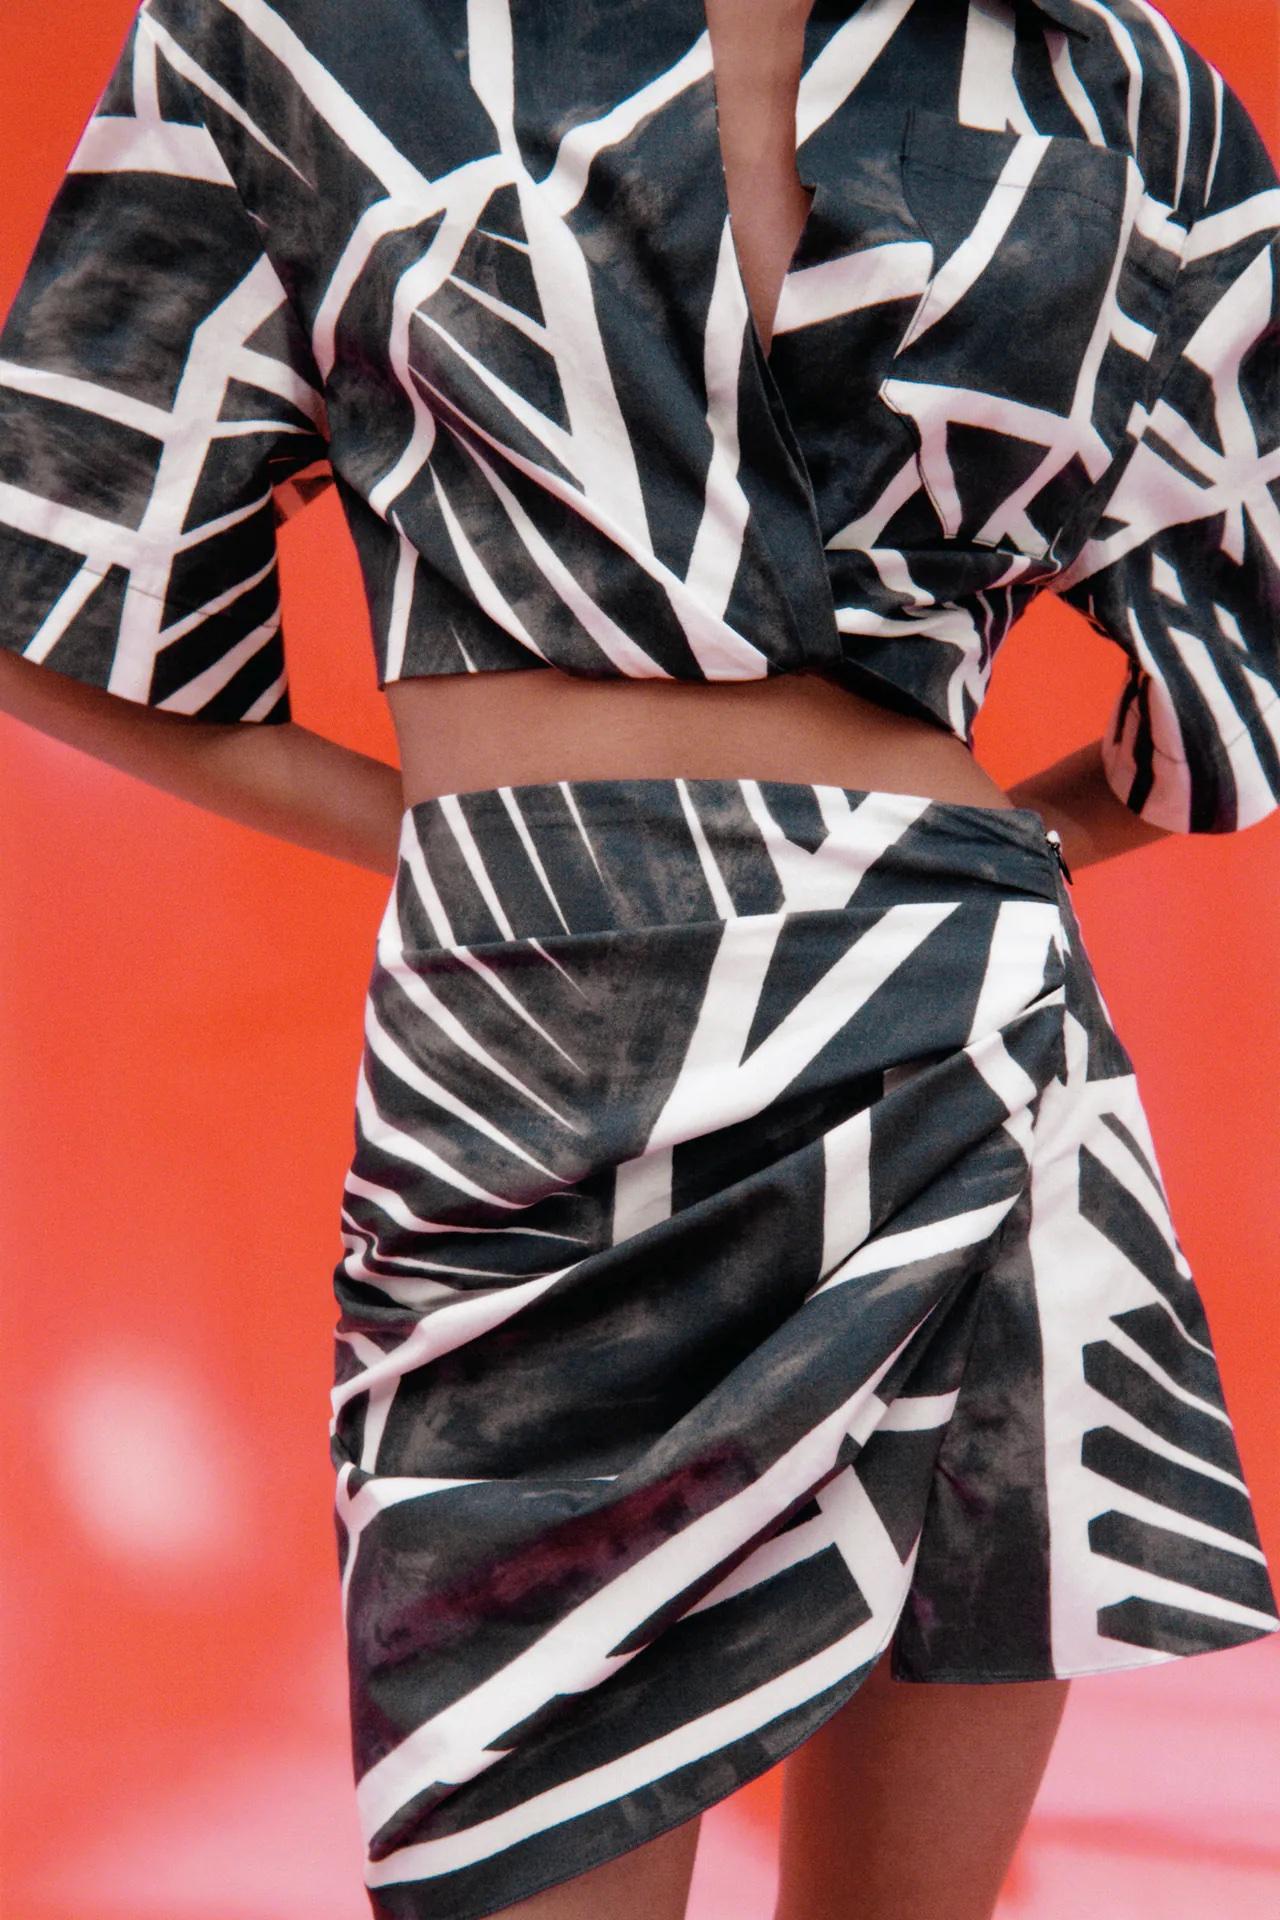 Zara Spring Collection Tops